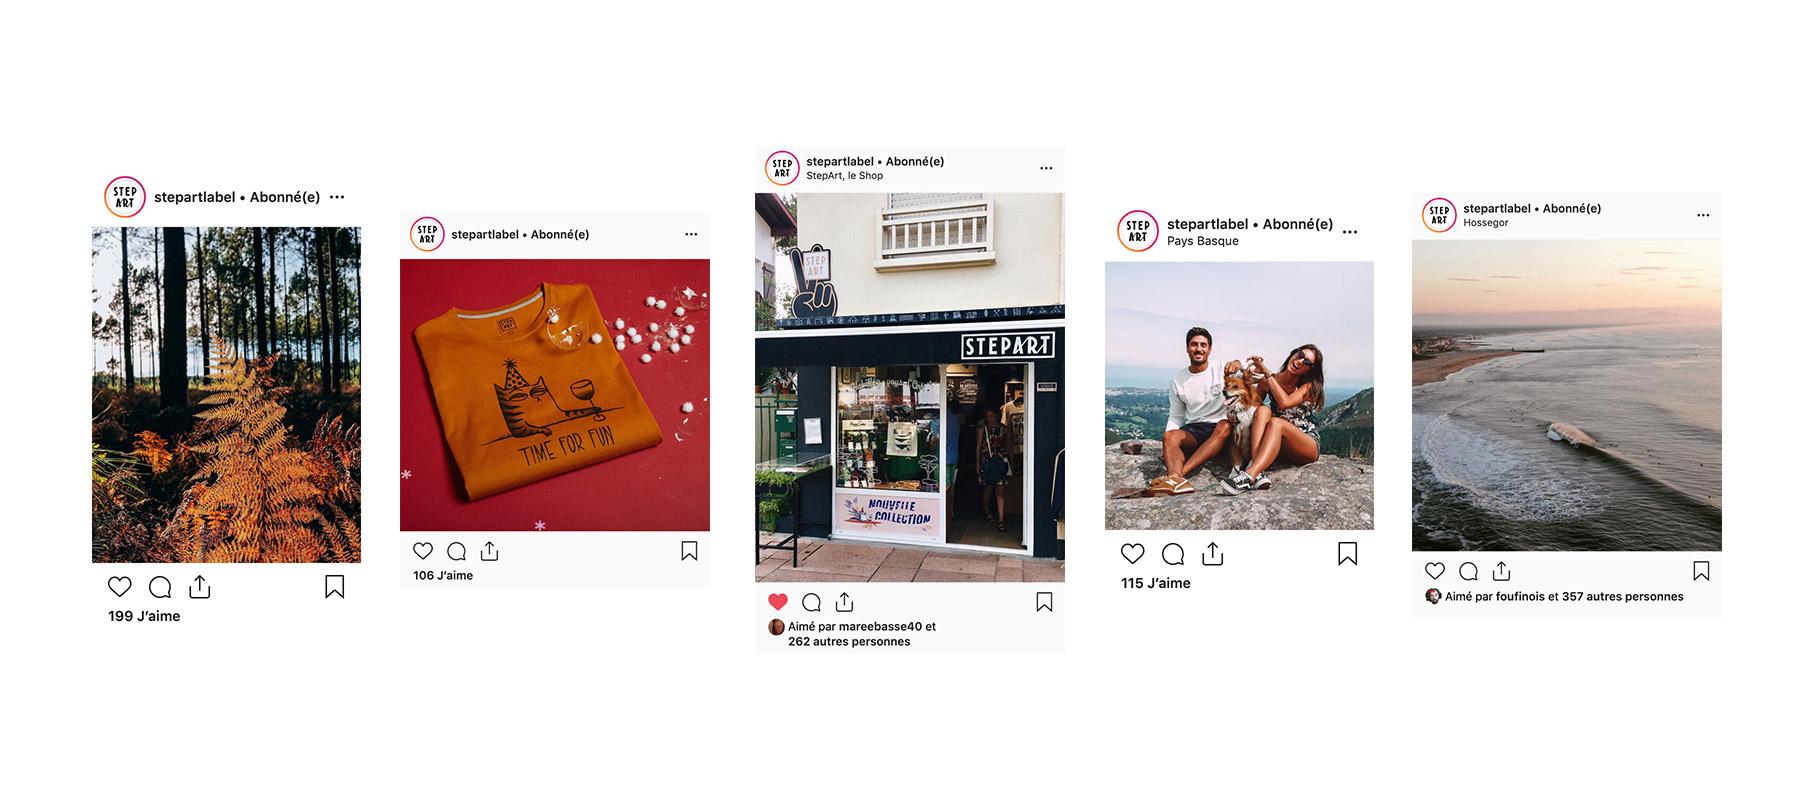 Jean Le Roy - Développeur web et consultant social medias à Biarritz - Stepart - Instagram